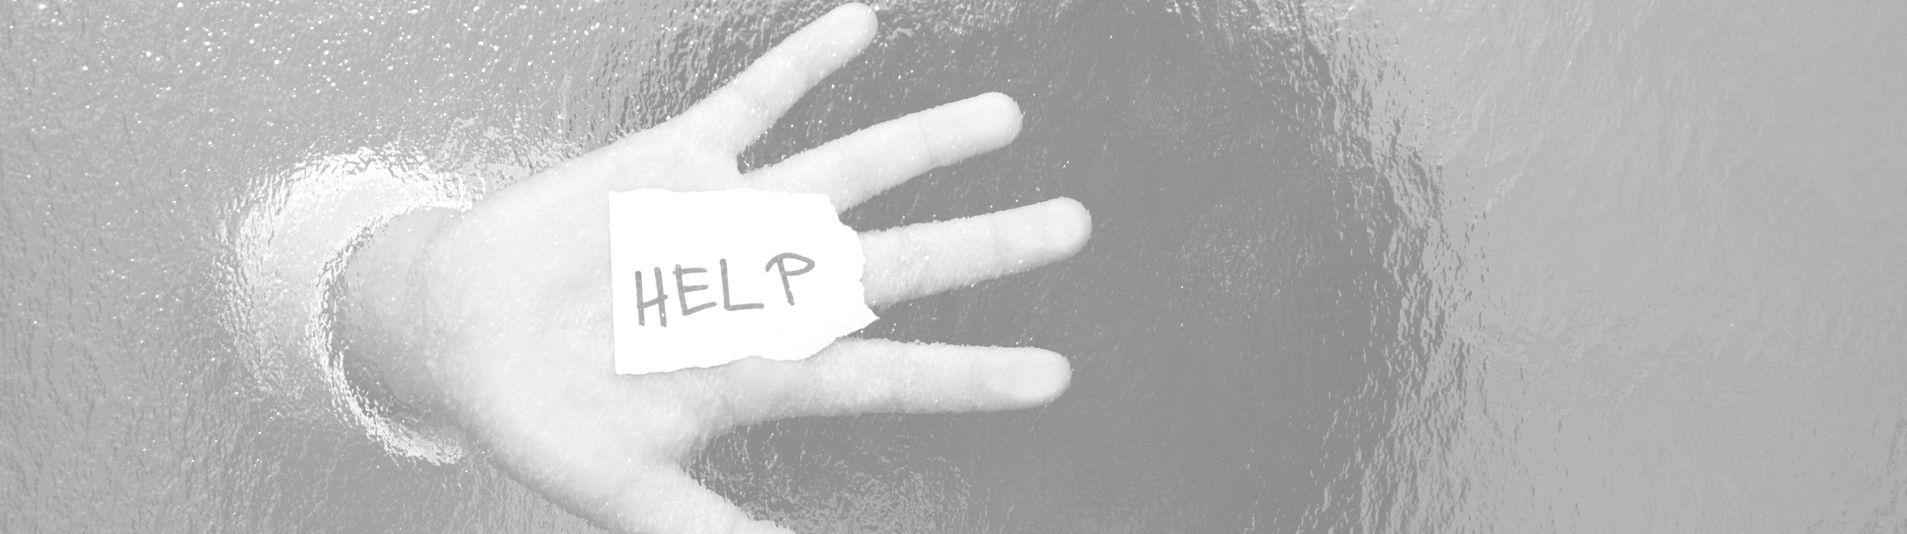 HELP_B&W